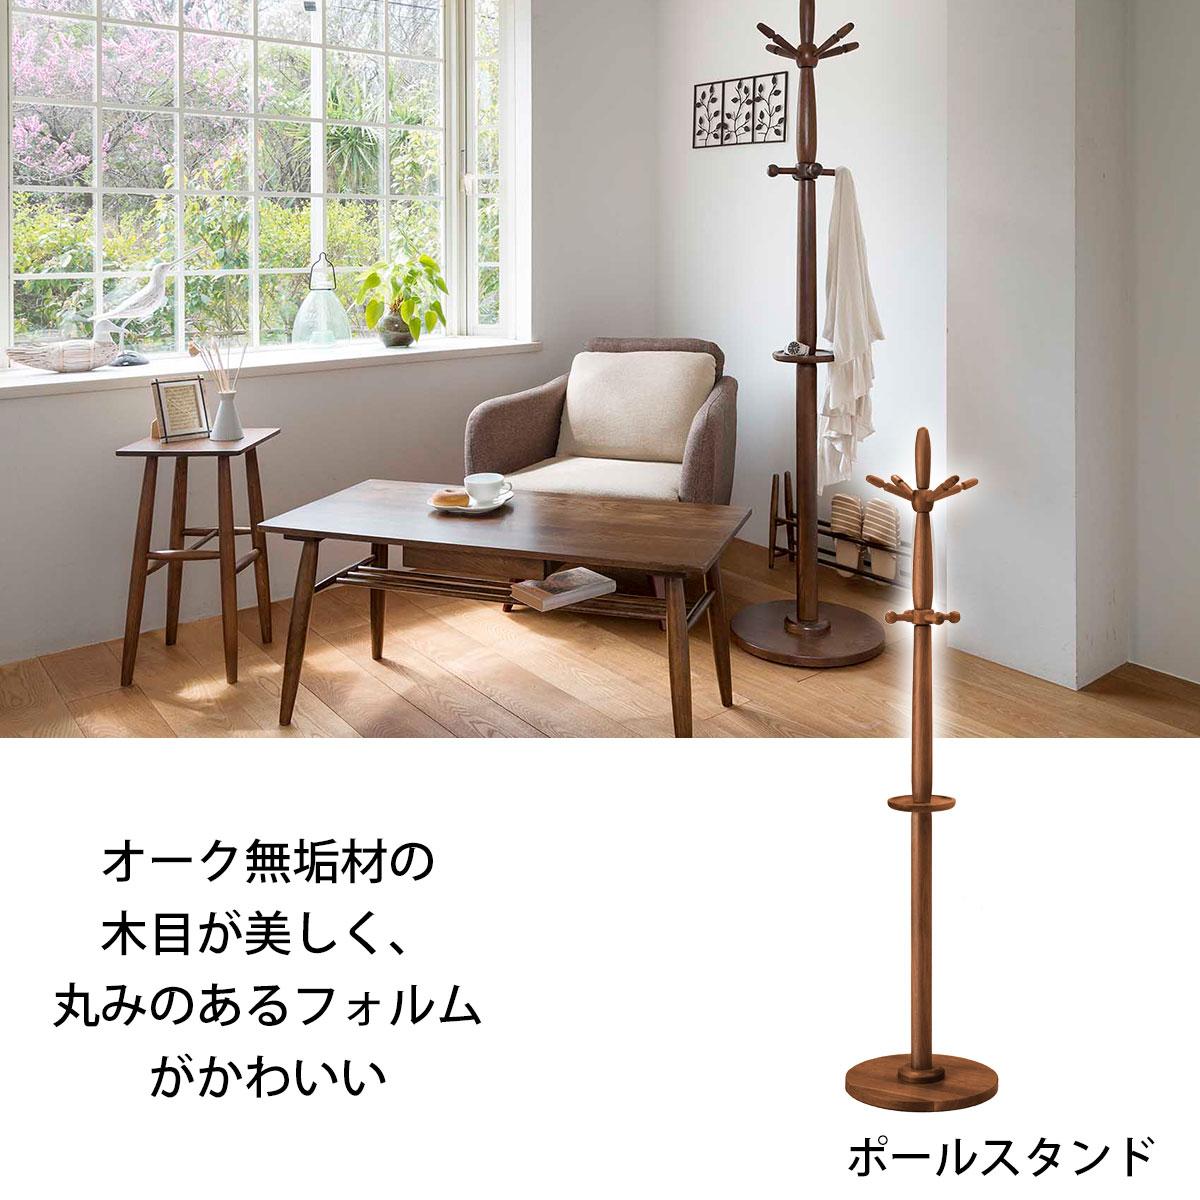 曙工芸製作所 オークシリーズ ポールスタンド ブラウン OAK-8523 幅40×奥行40×高さ172.5cm